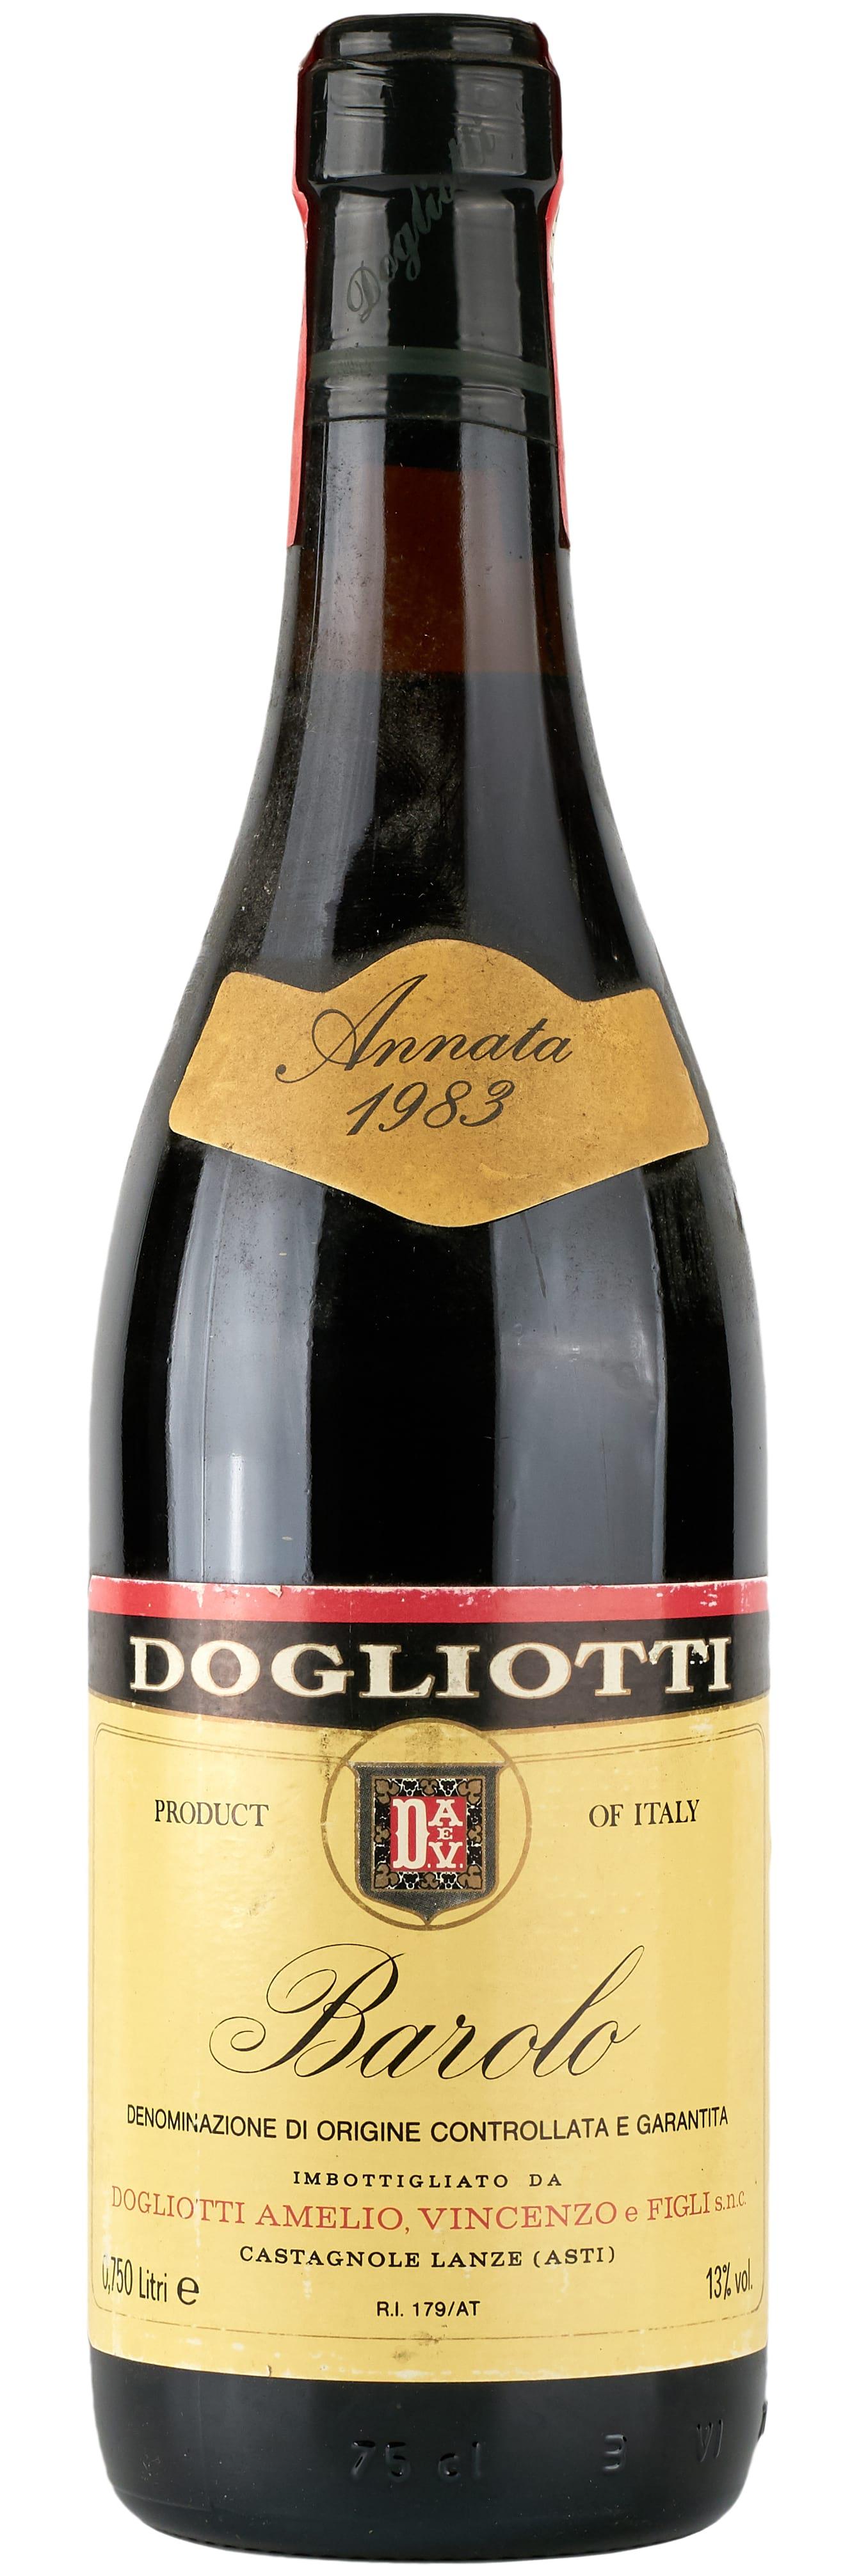 1983 Dogliotti Amelio Vincenzo & Figli Barolo фото